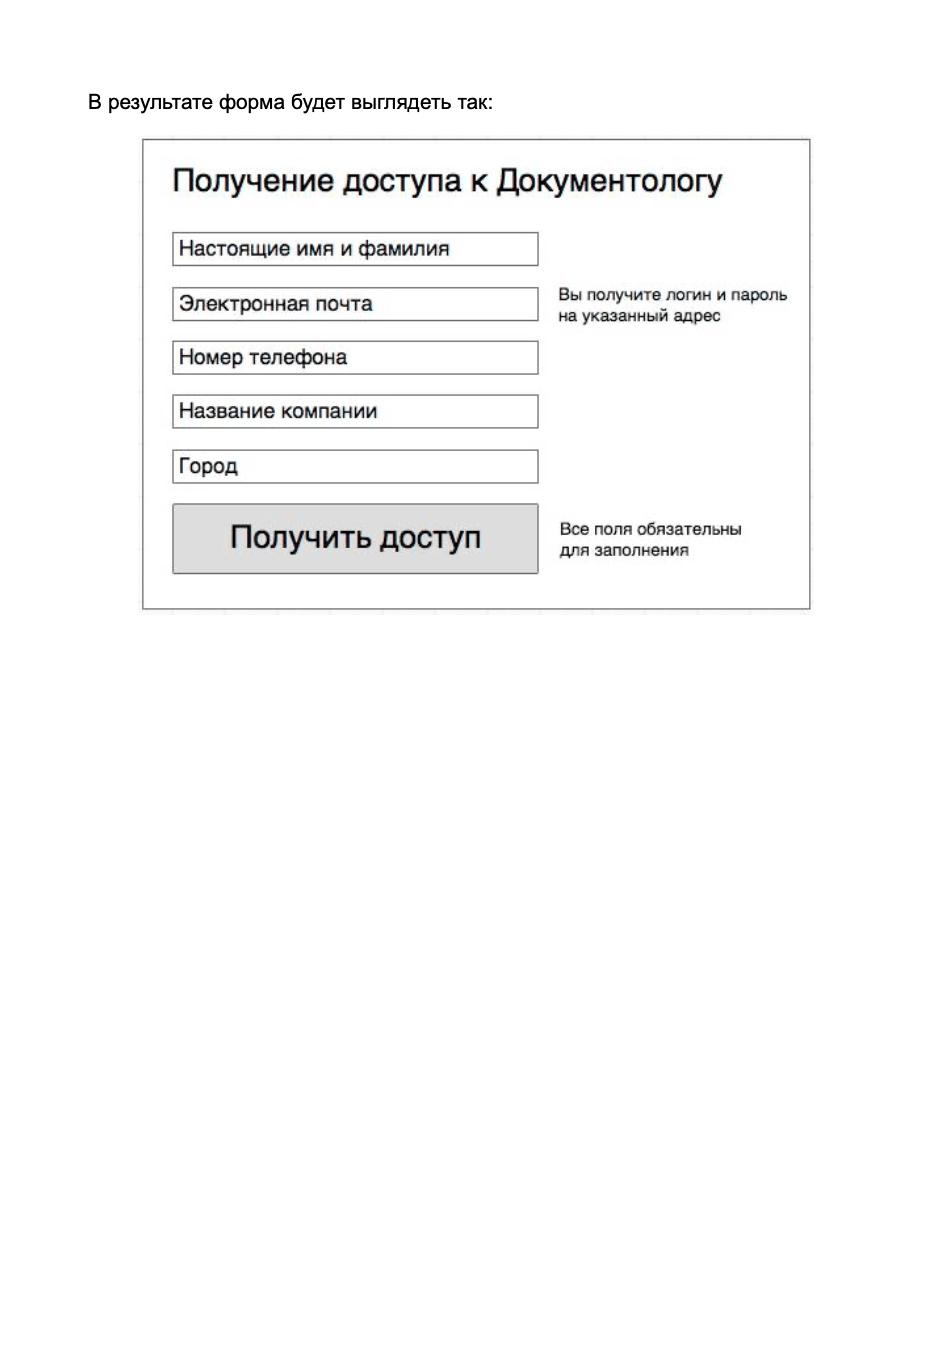 Анализ «Документолога» Сайт Артура Нецветаева — сайты, приложения, прототипы и оформление интерфейсов 31 1